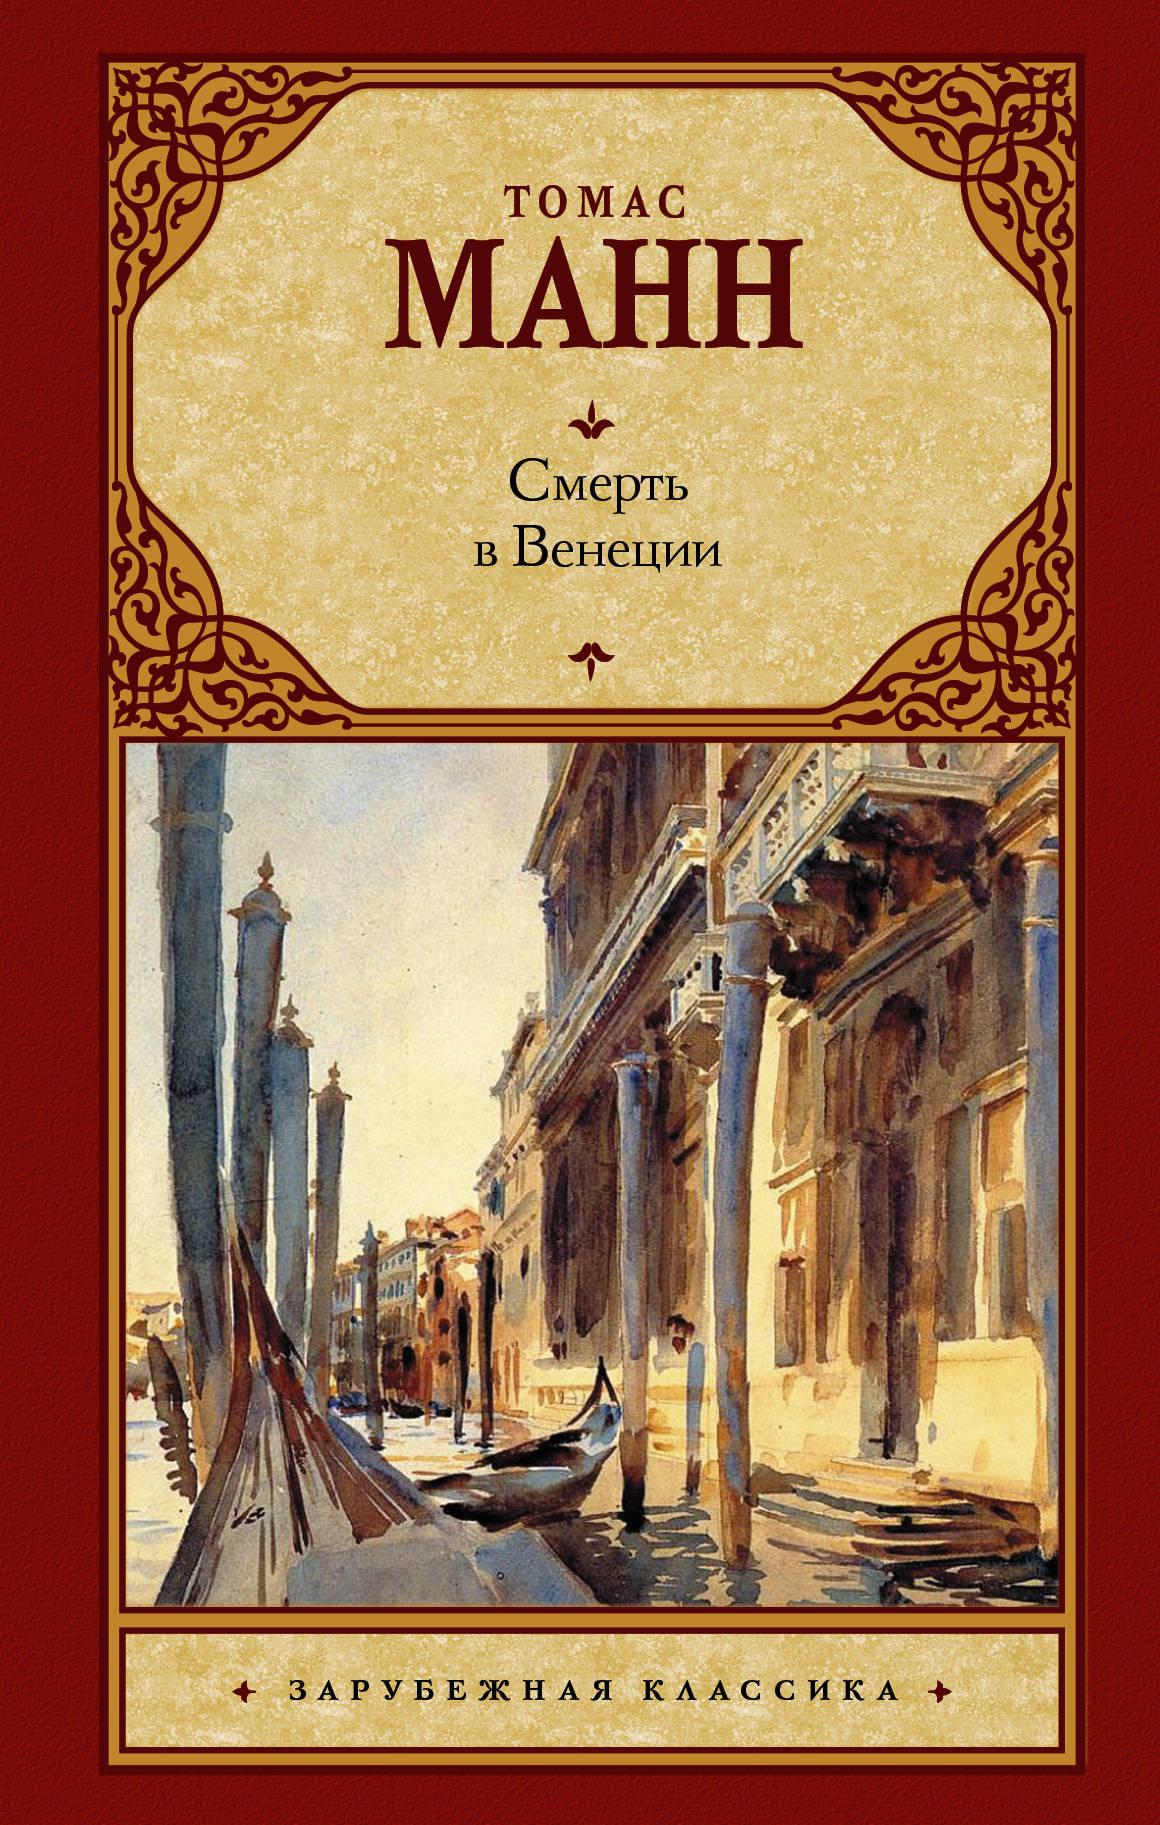 Смерть в Венеции, Манн Томас